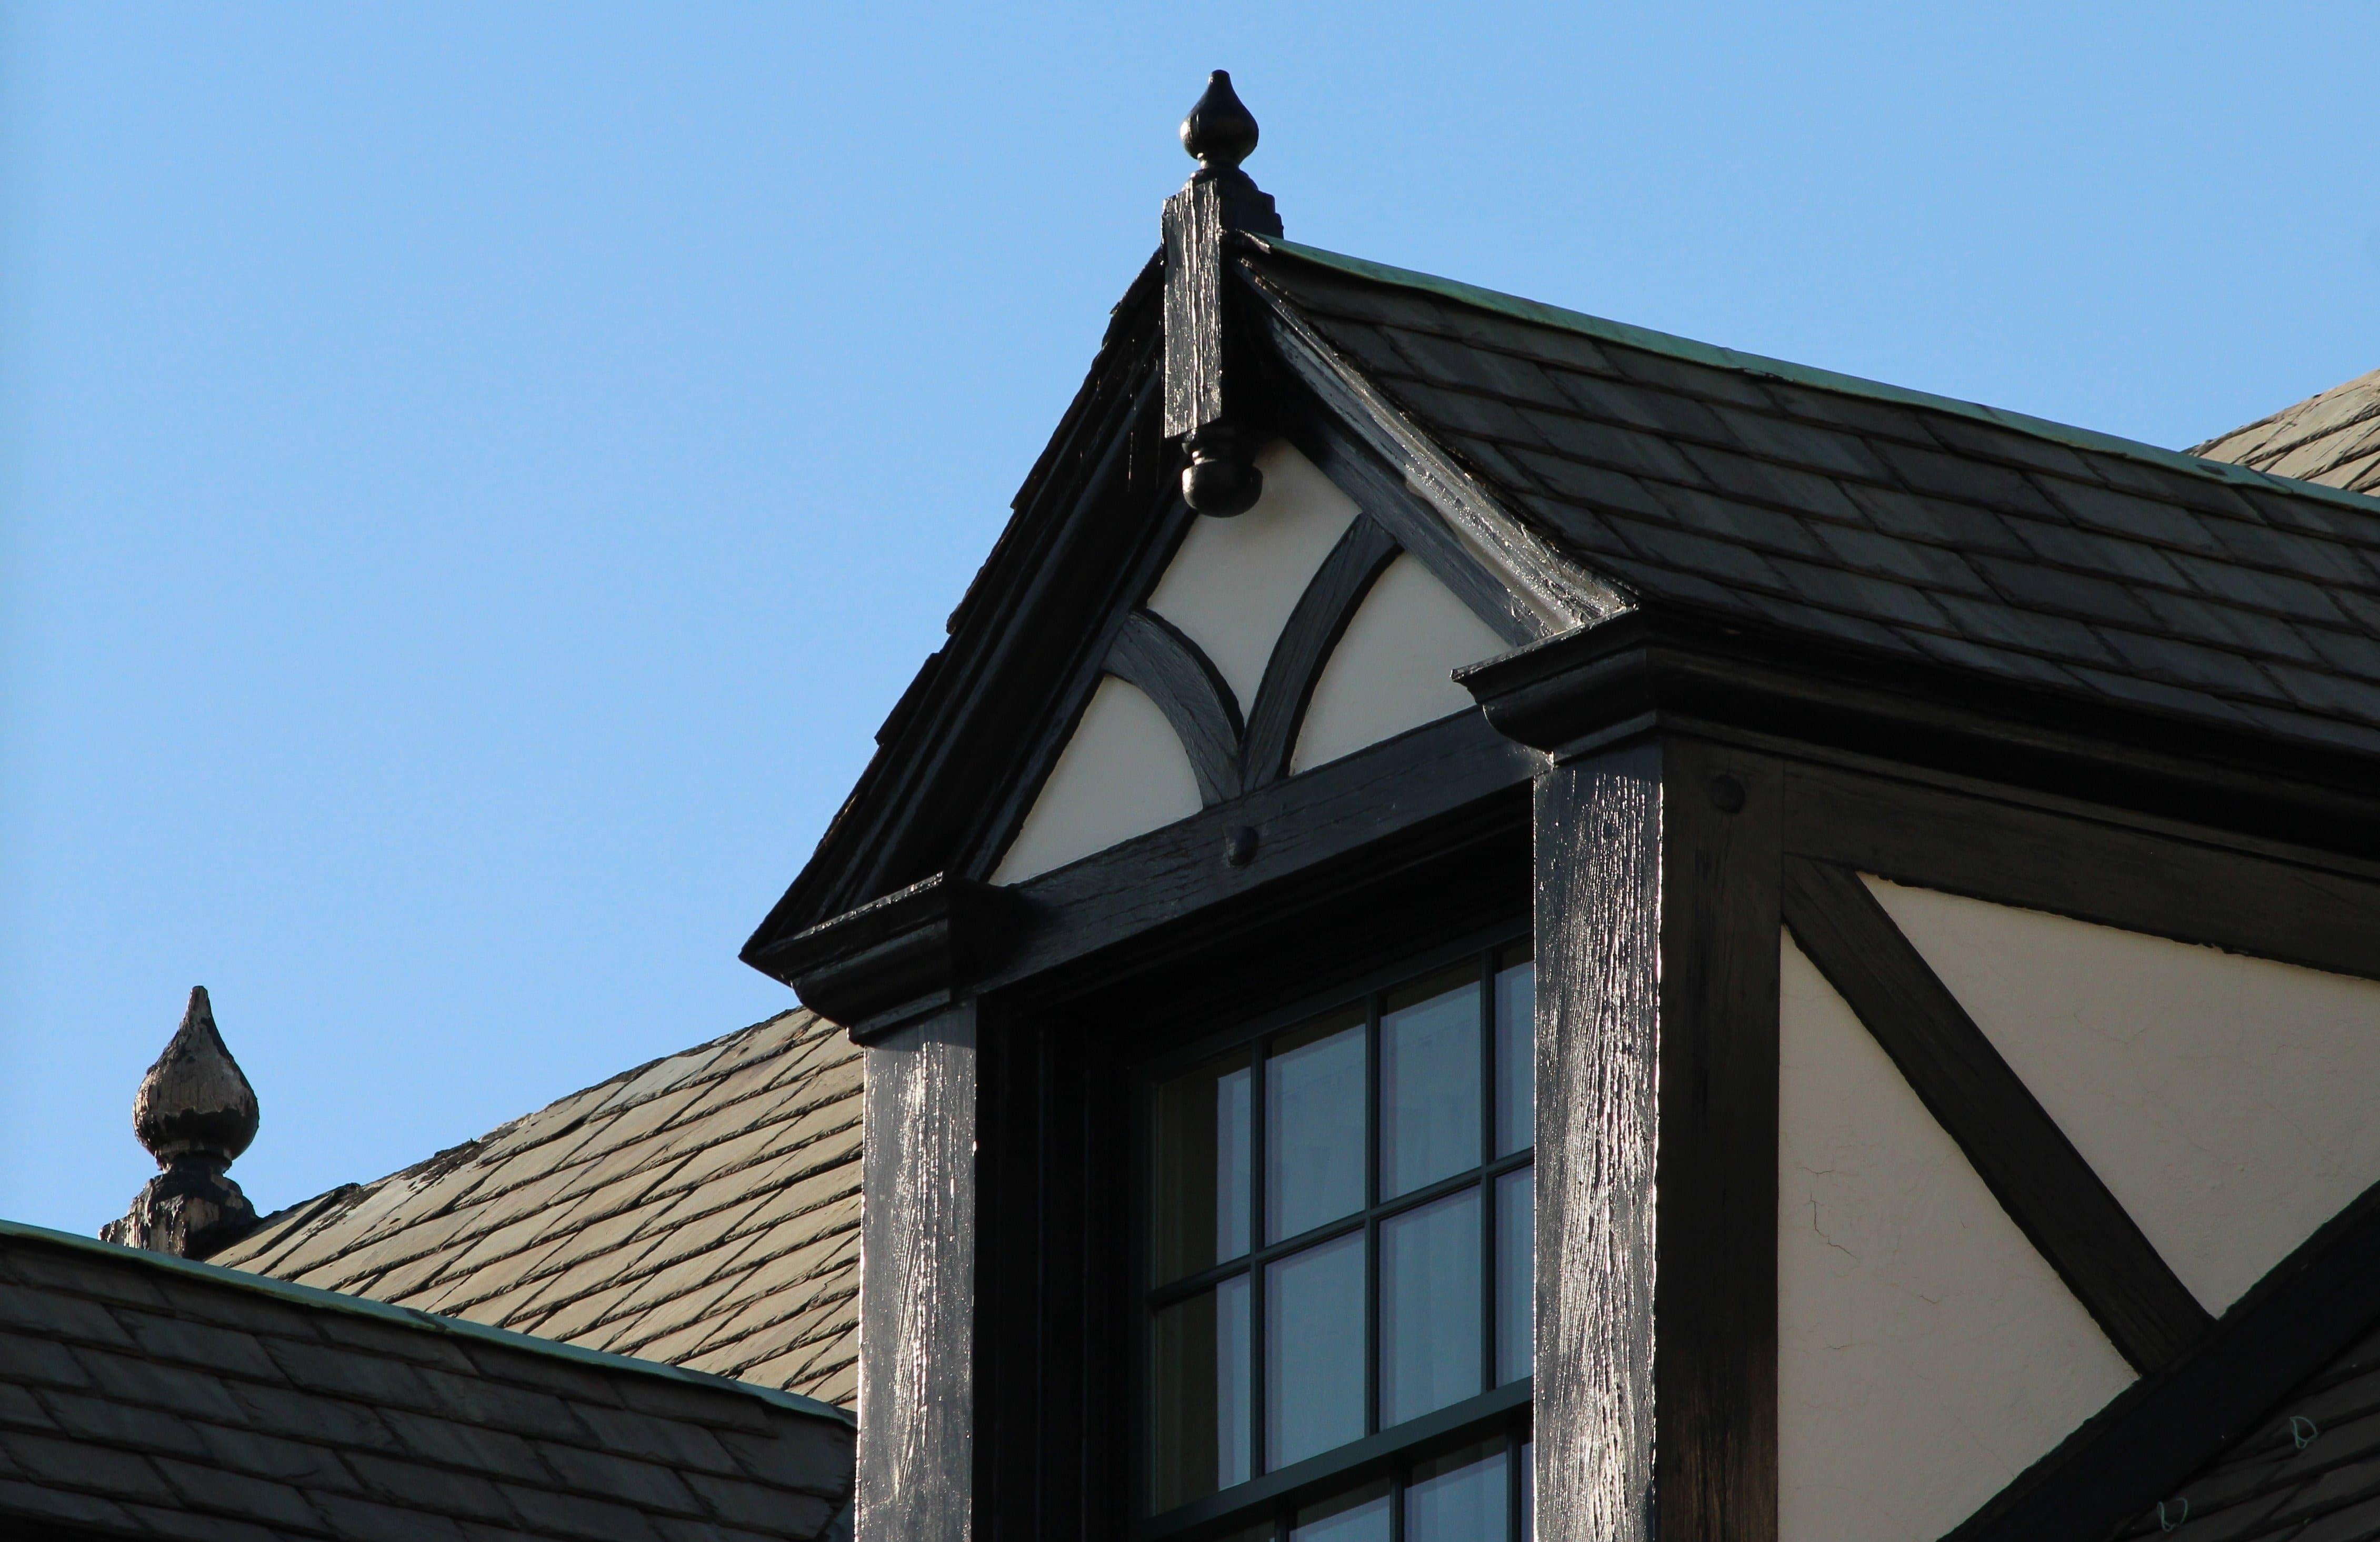 La toiture en pente pour votre nouvelle maison - Blog Decoration Maison